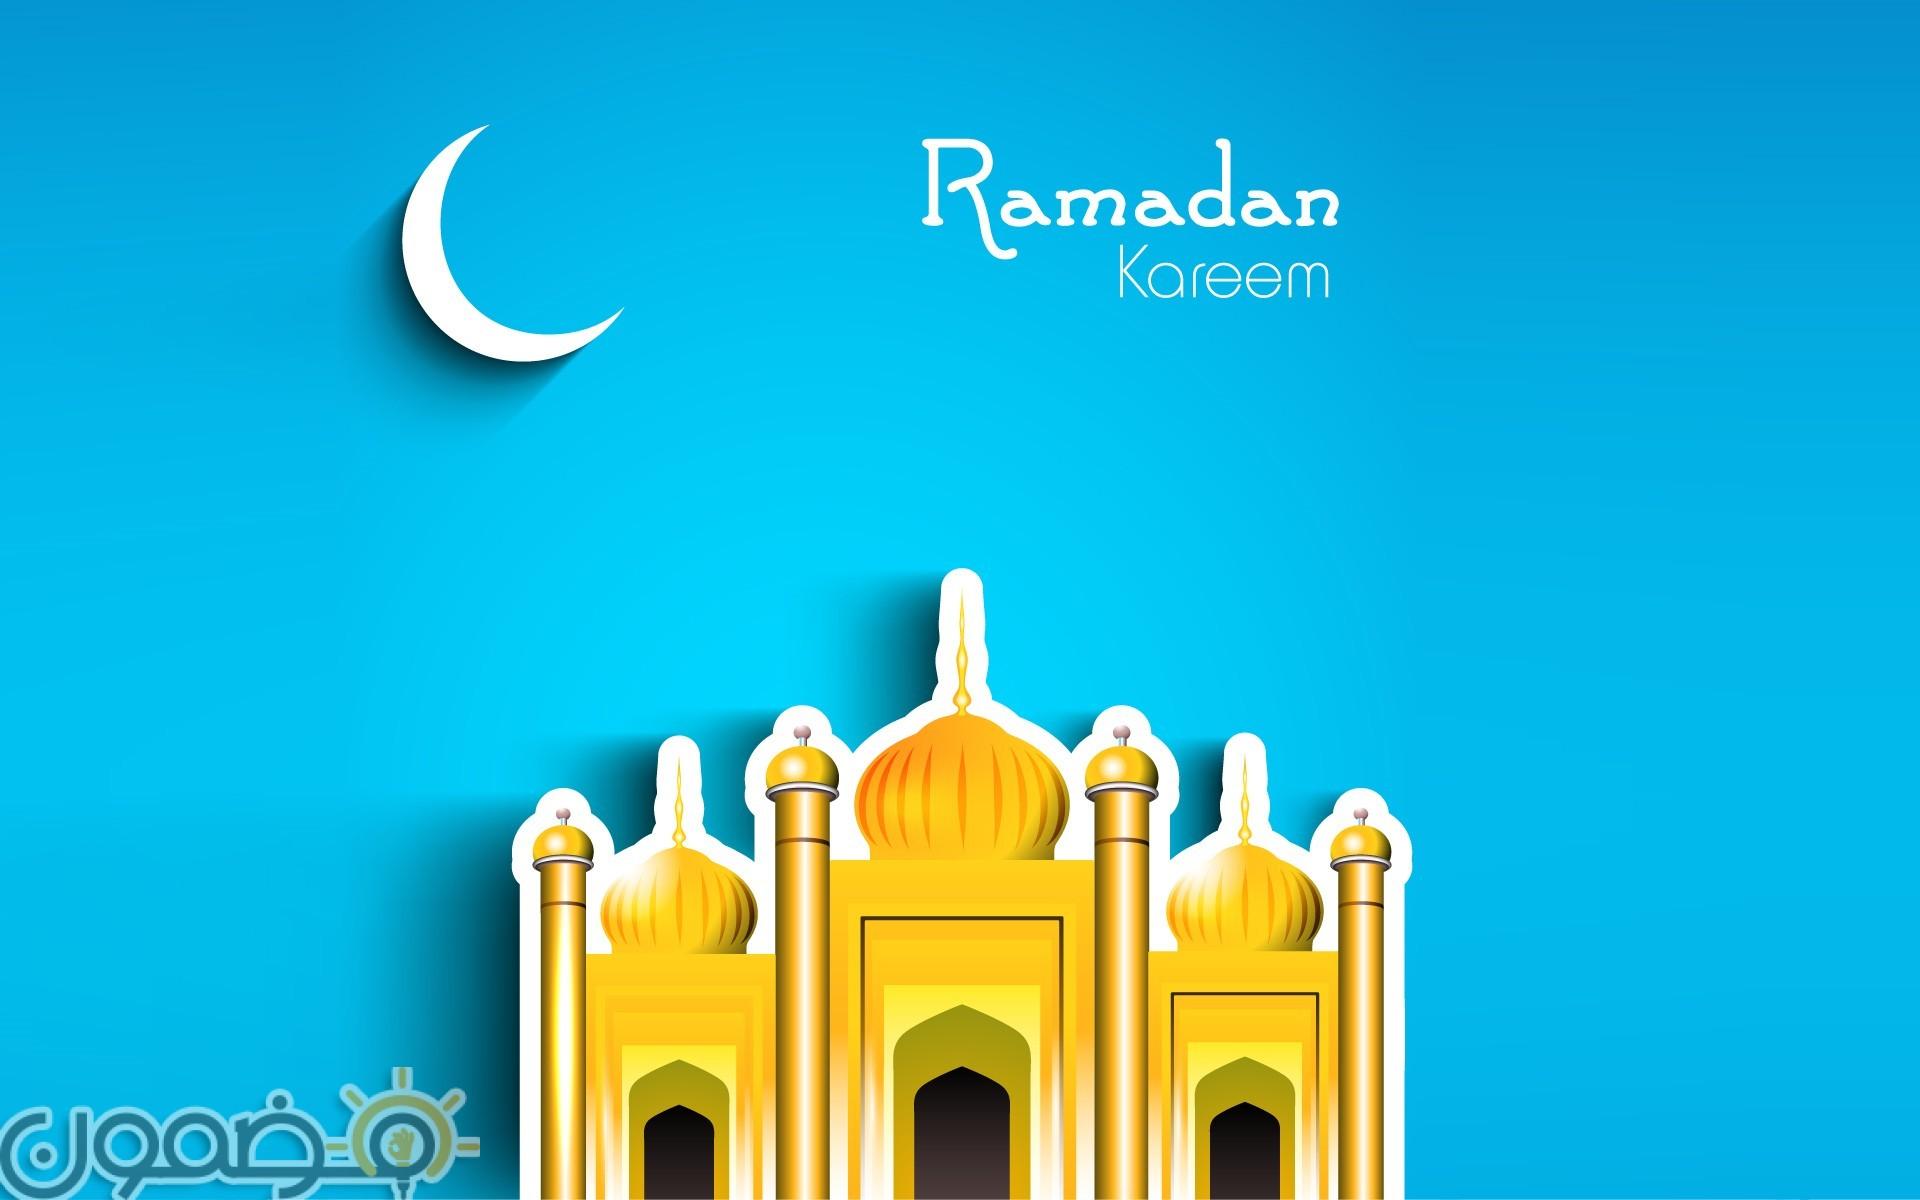 صور حالات رمضانية للواتس اب 3 صور حالات رمضانية للواتس اب